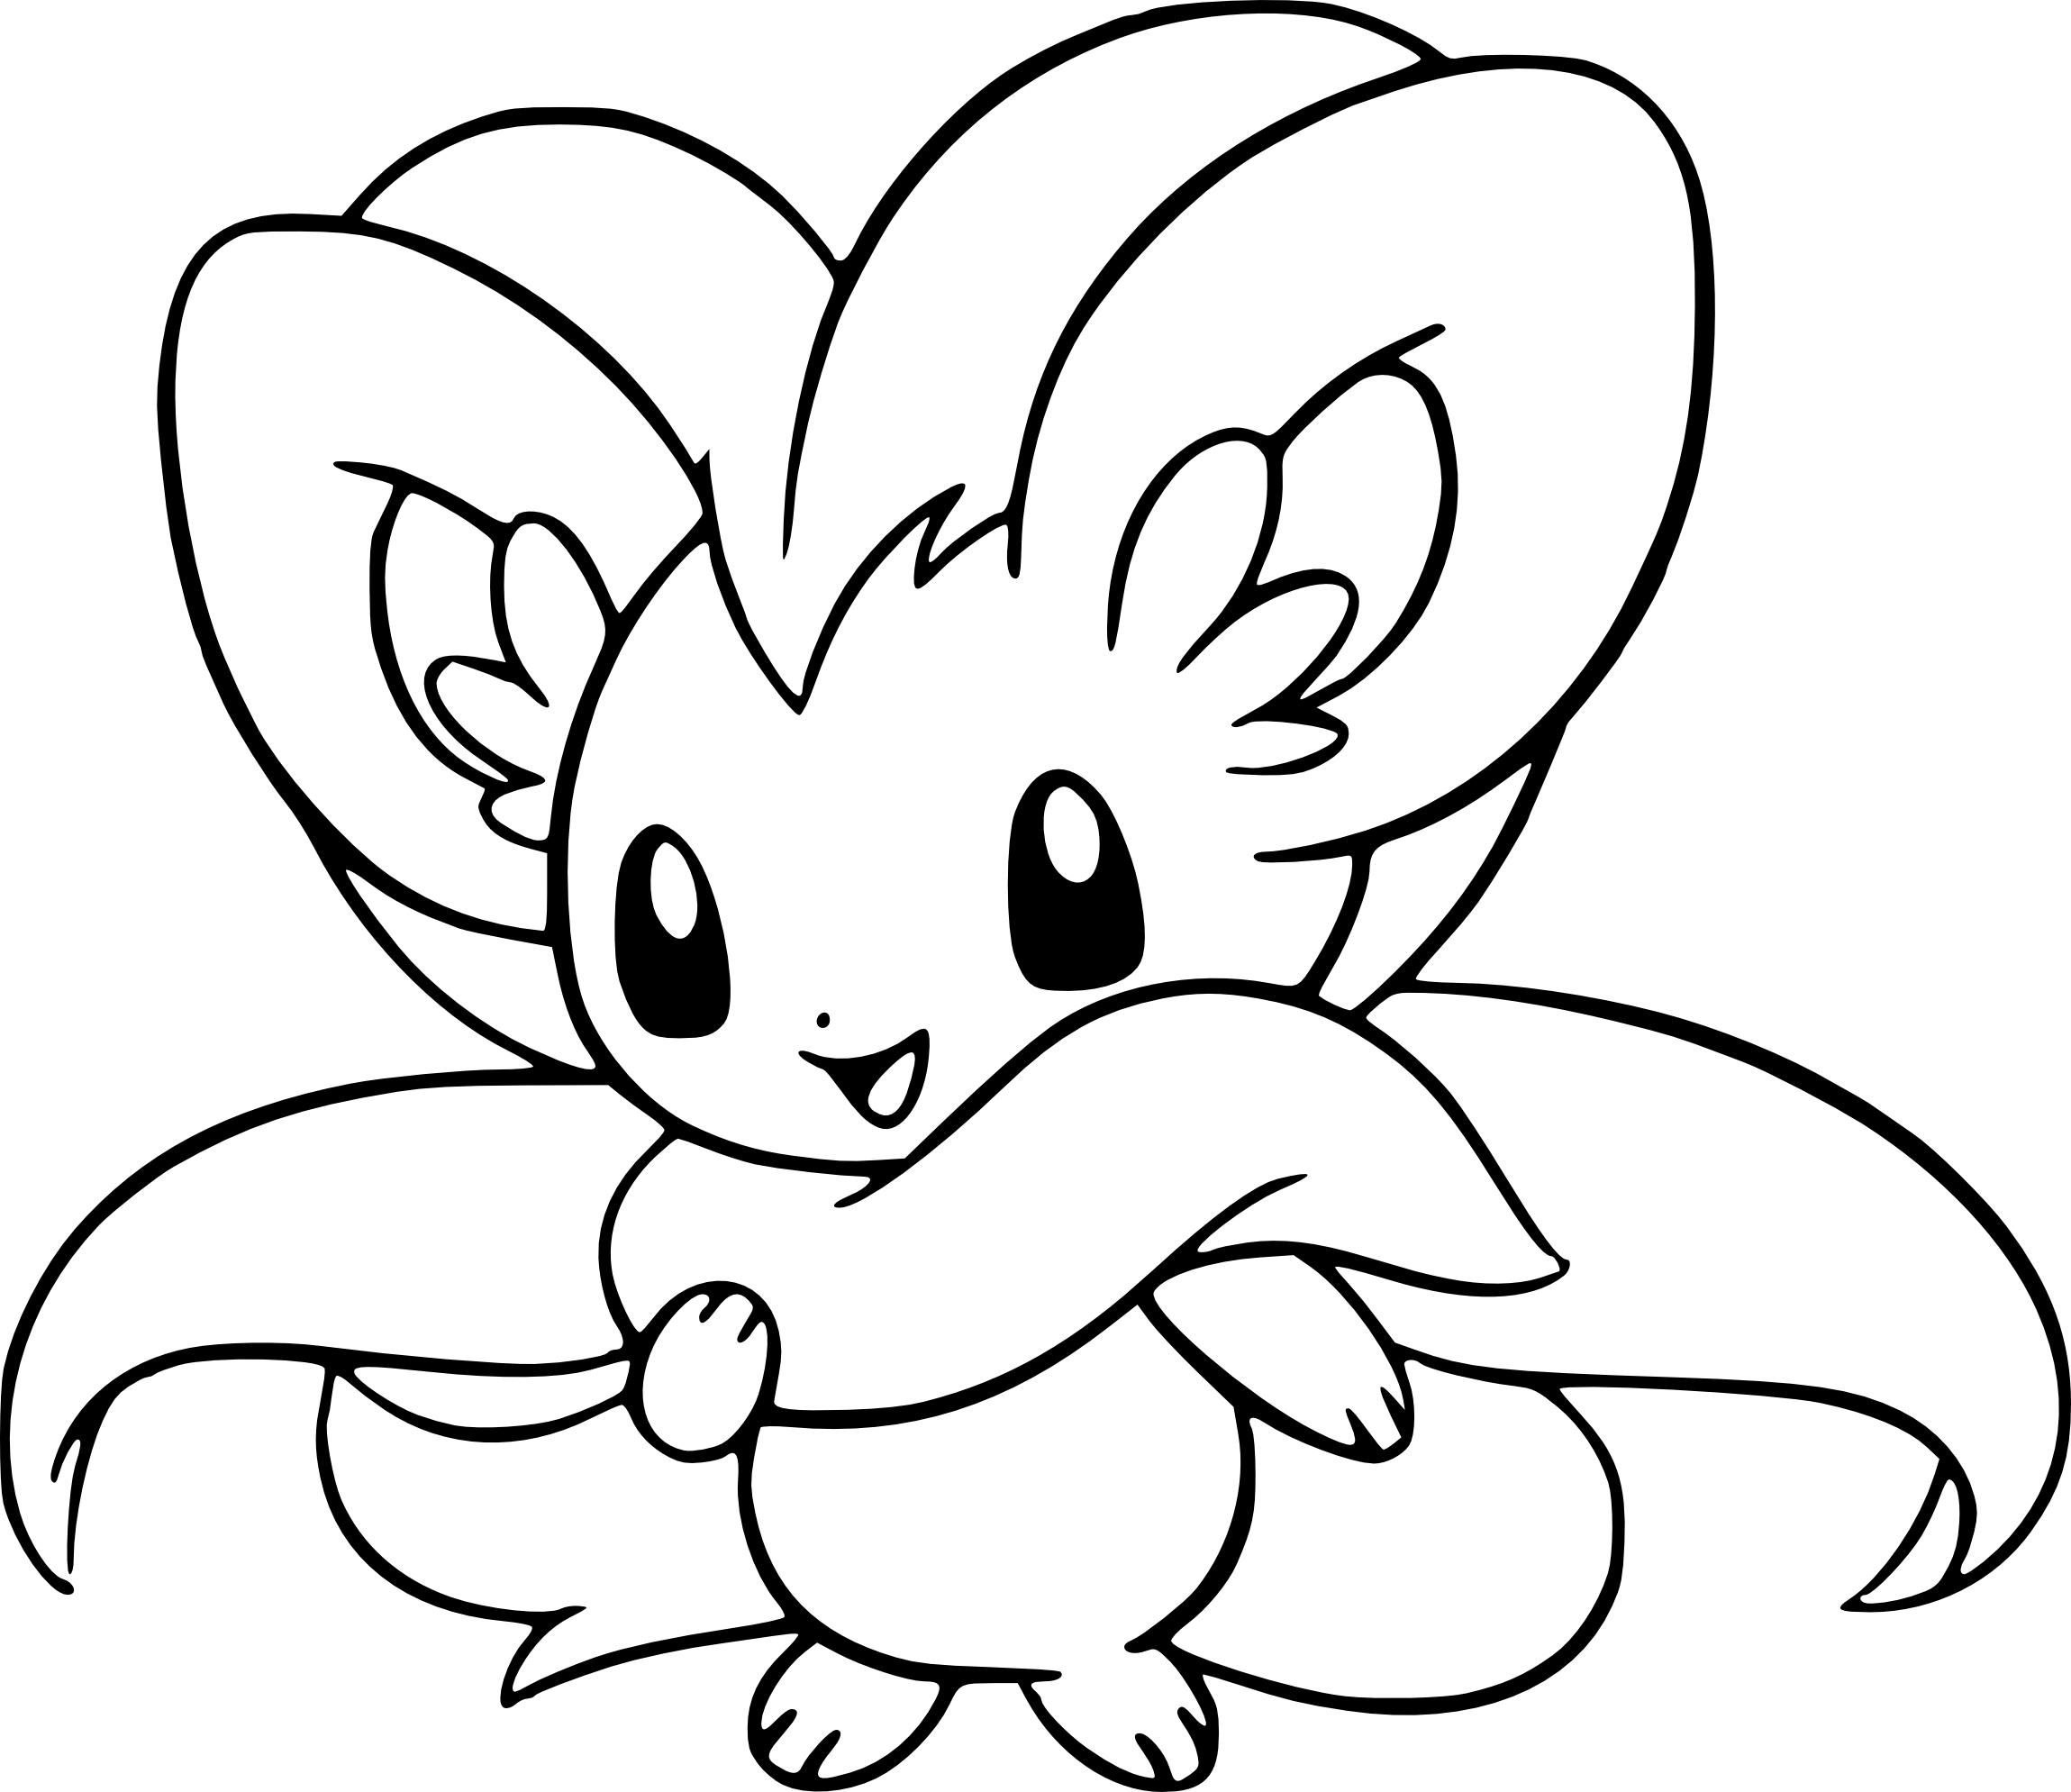 Coloriage Pashmilla Pokemon À Imprimer Et Colorier serapportantà Imprimer Coloriage Pokemon